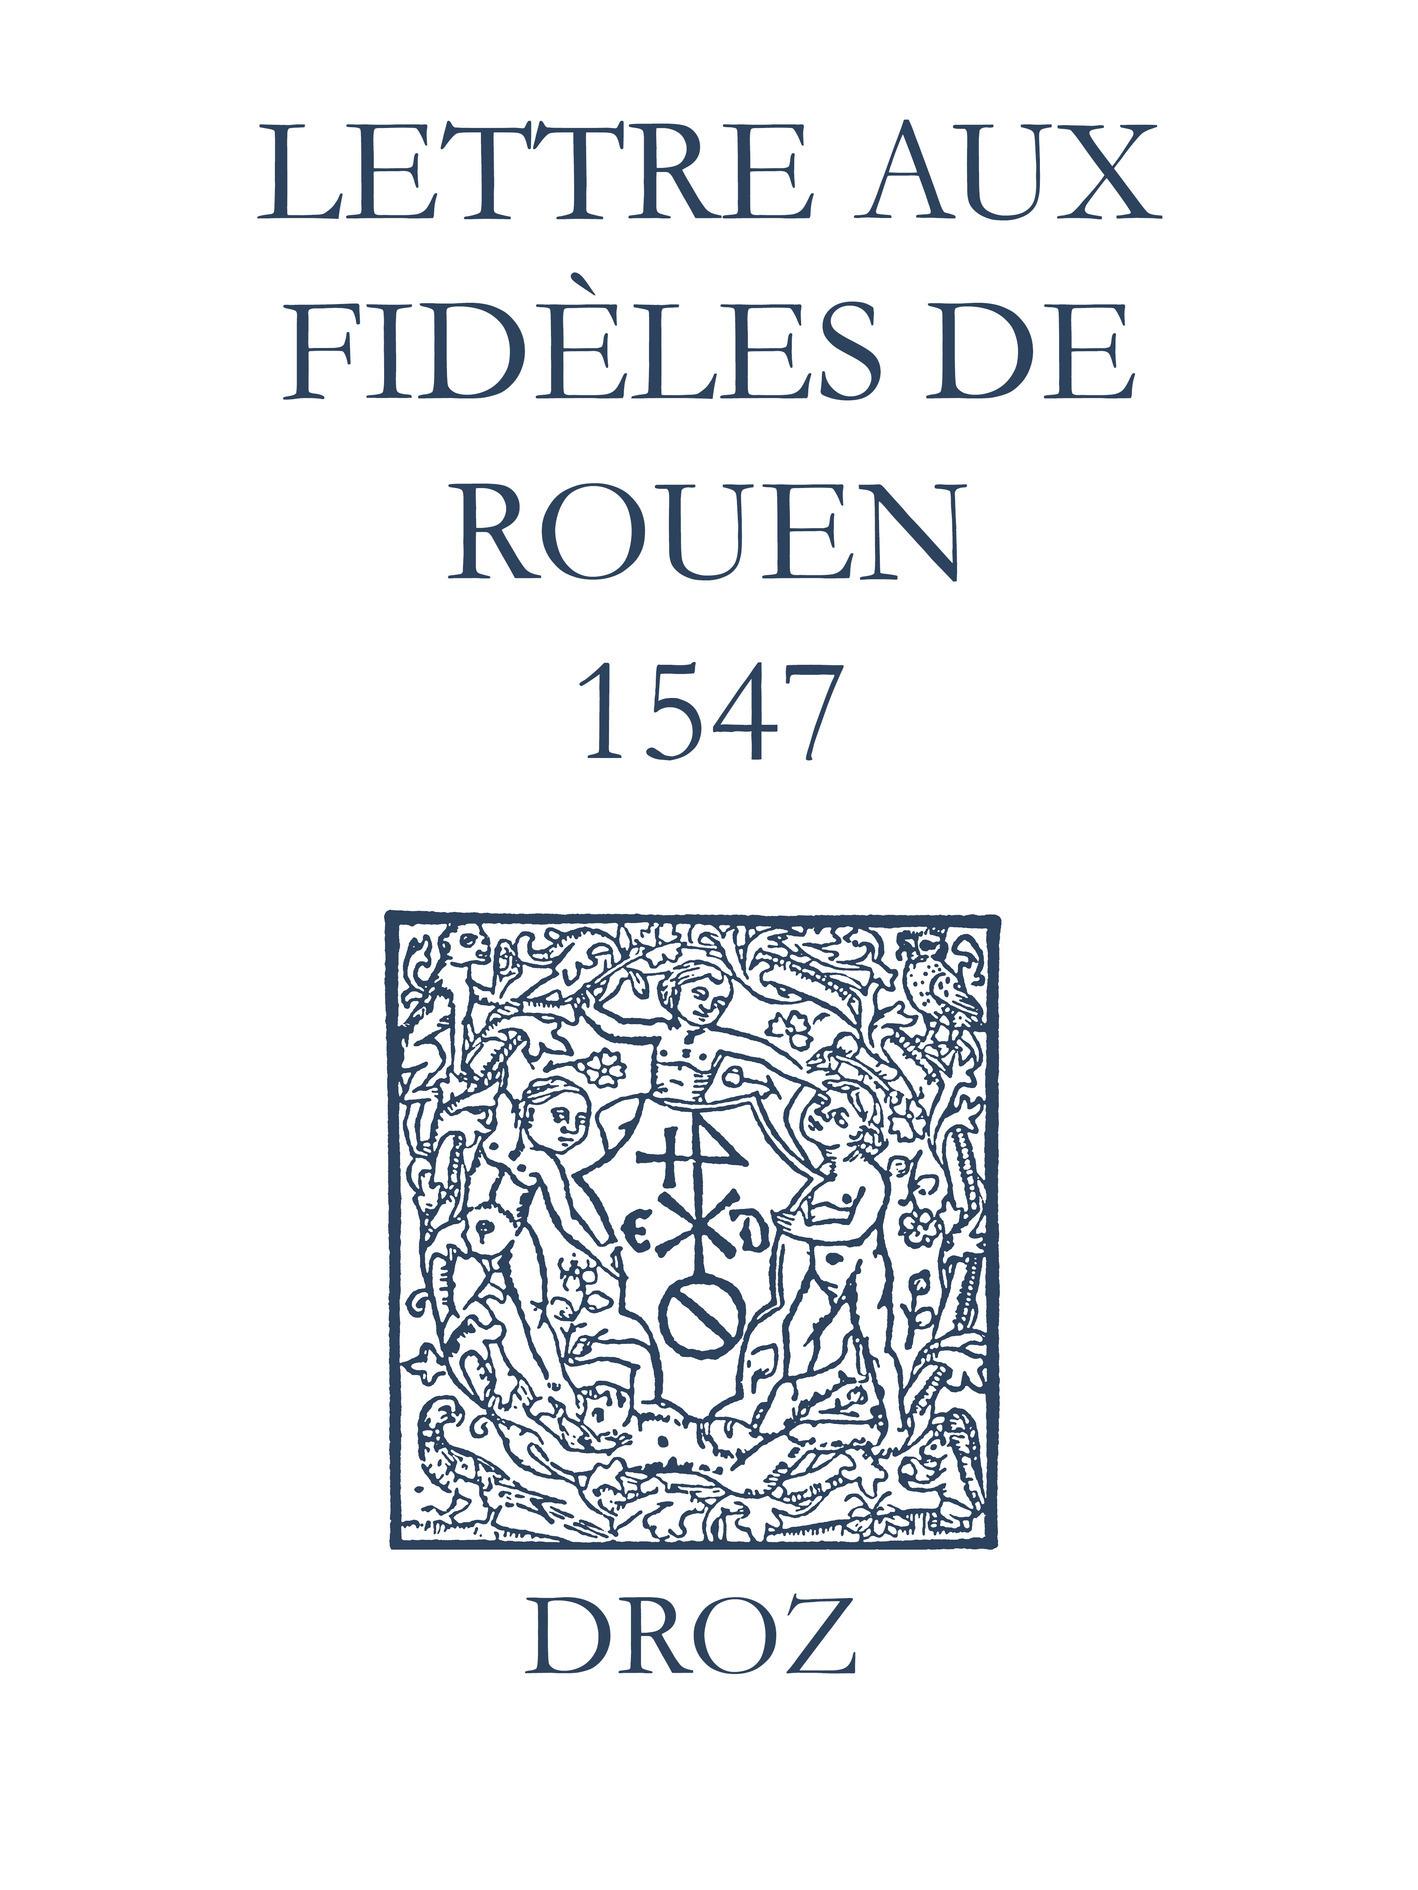 Recueil des opuscules 1566. Lettre aux dèles de Rouen (1547)  - Laurence Vial-Bergon